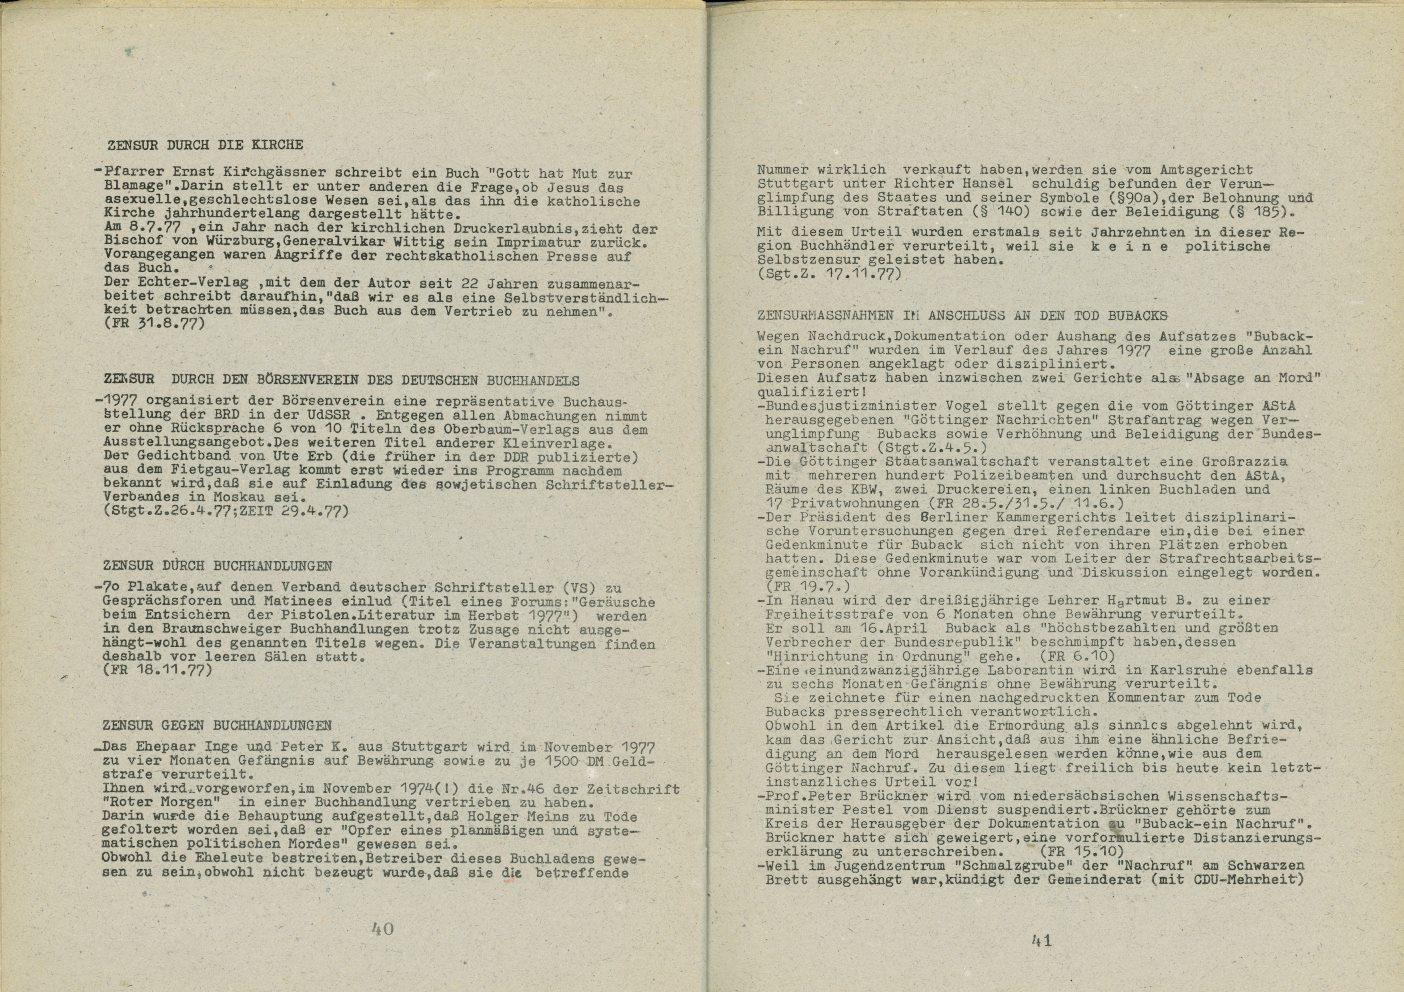 Stuttgart_AGRT_Menschenrechtsverletzungen_Leseheft_1978_22